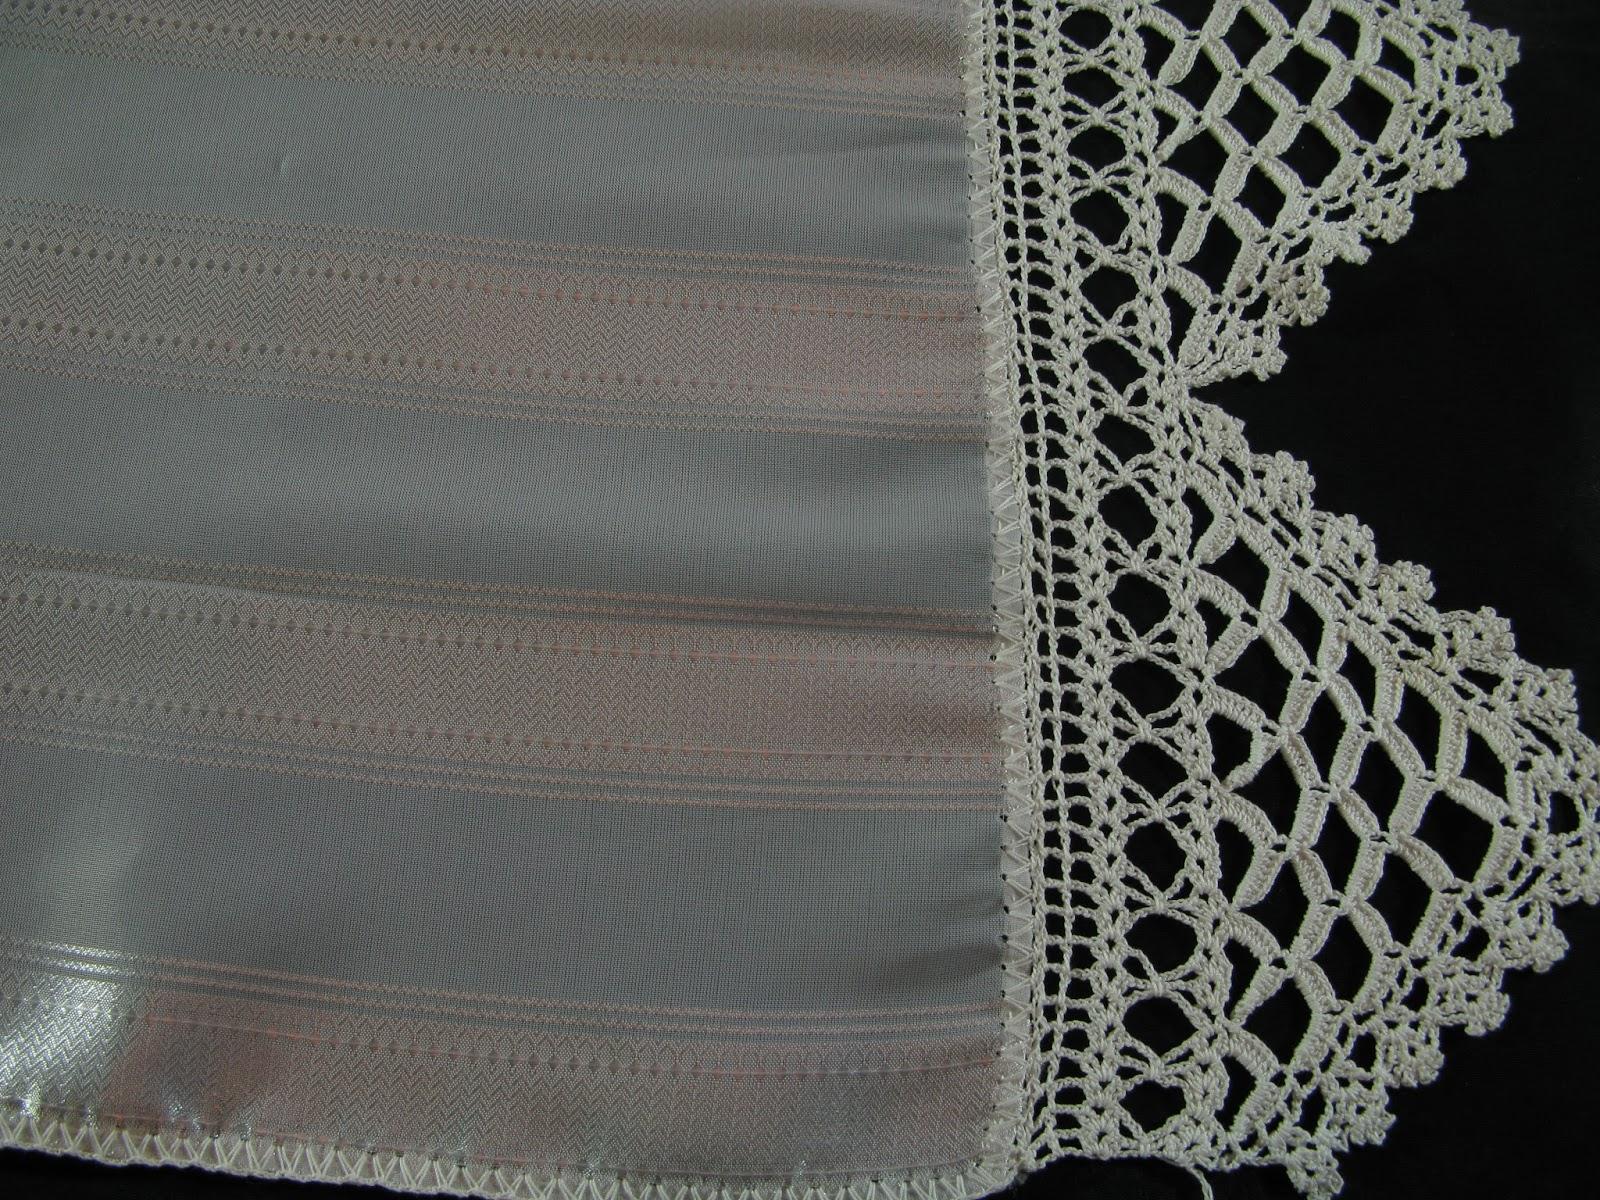 5e2c5a32c40e Η πετσέτα αυτή έχει πλεχτεί γύρω γύρω με το βελονάκι για να μην ξεφτίσει.  Στις δυο στενές άκρες της υπάρχει αυή η τριγωνική δαντέλα η οποία είναι  πολύ ...